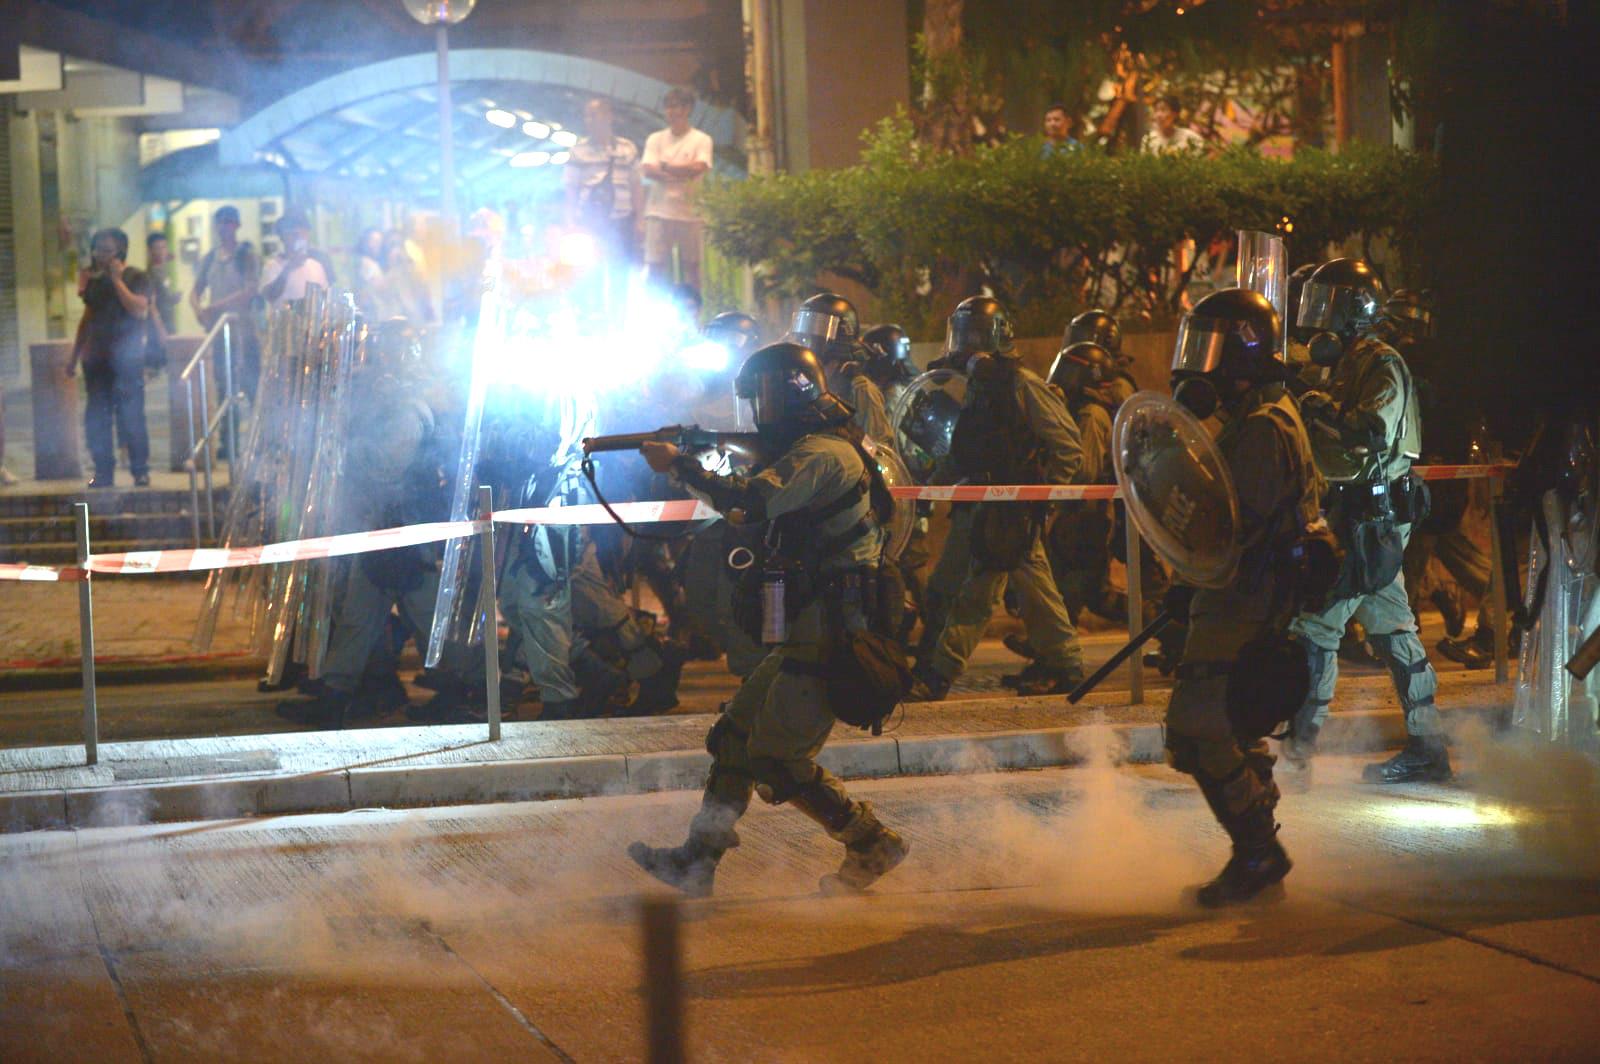 防暴警察發射催淚彈驅散示威者。資料圖片